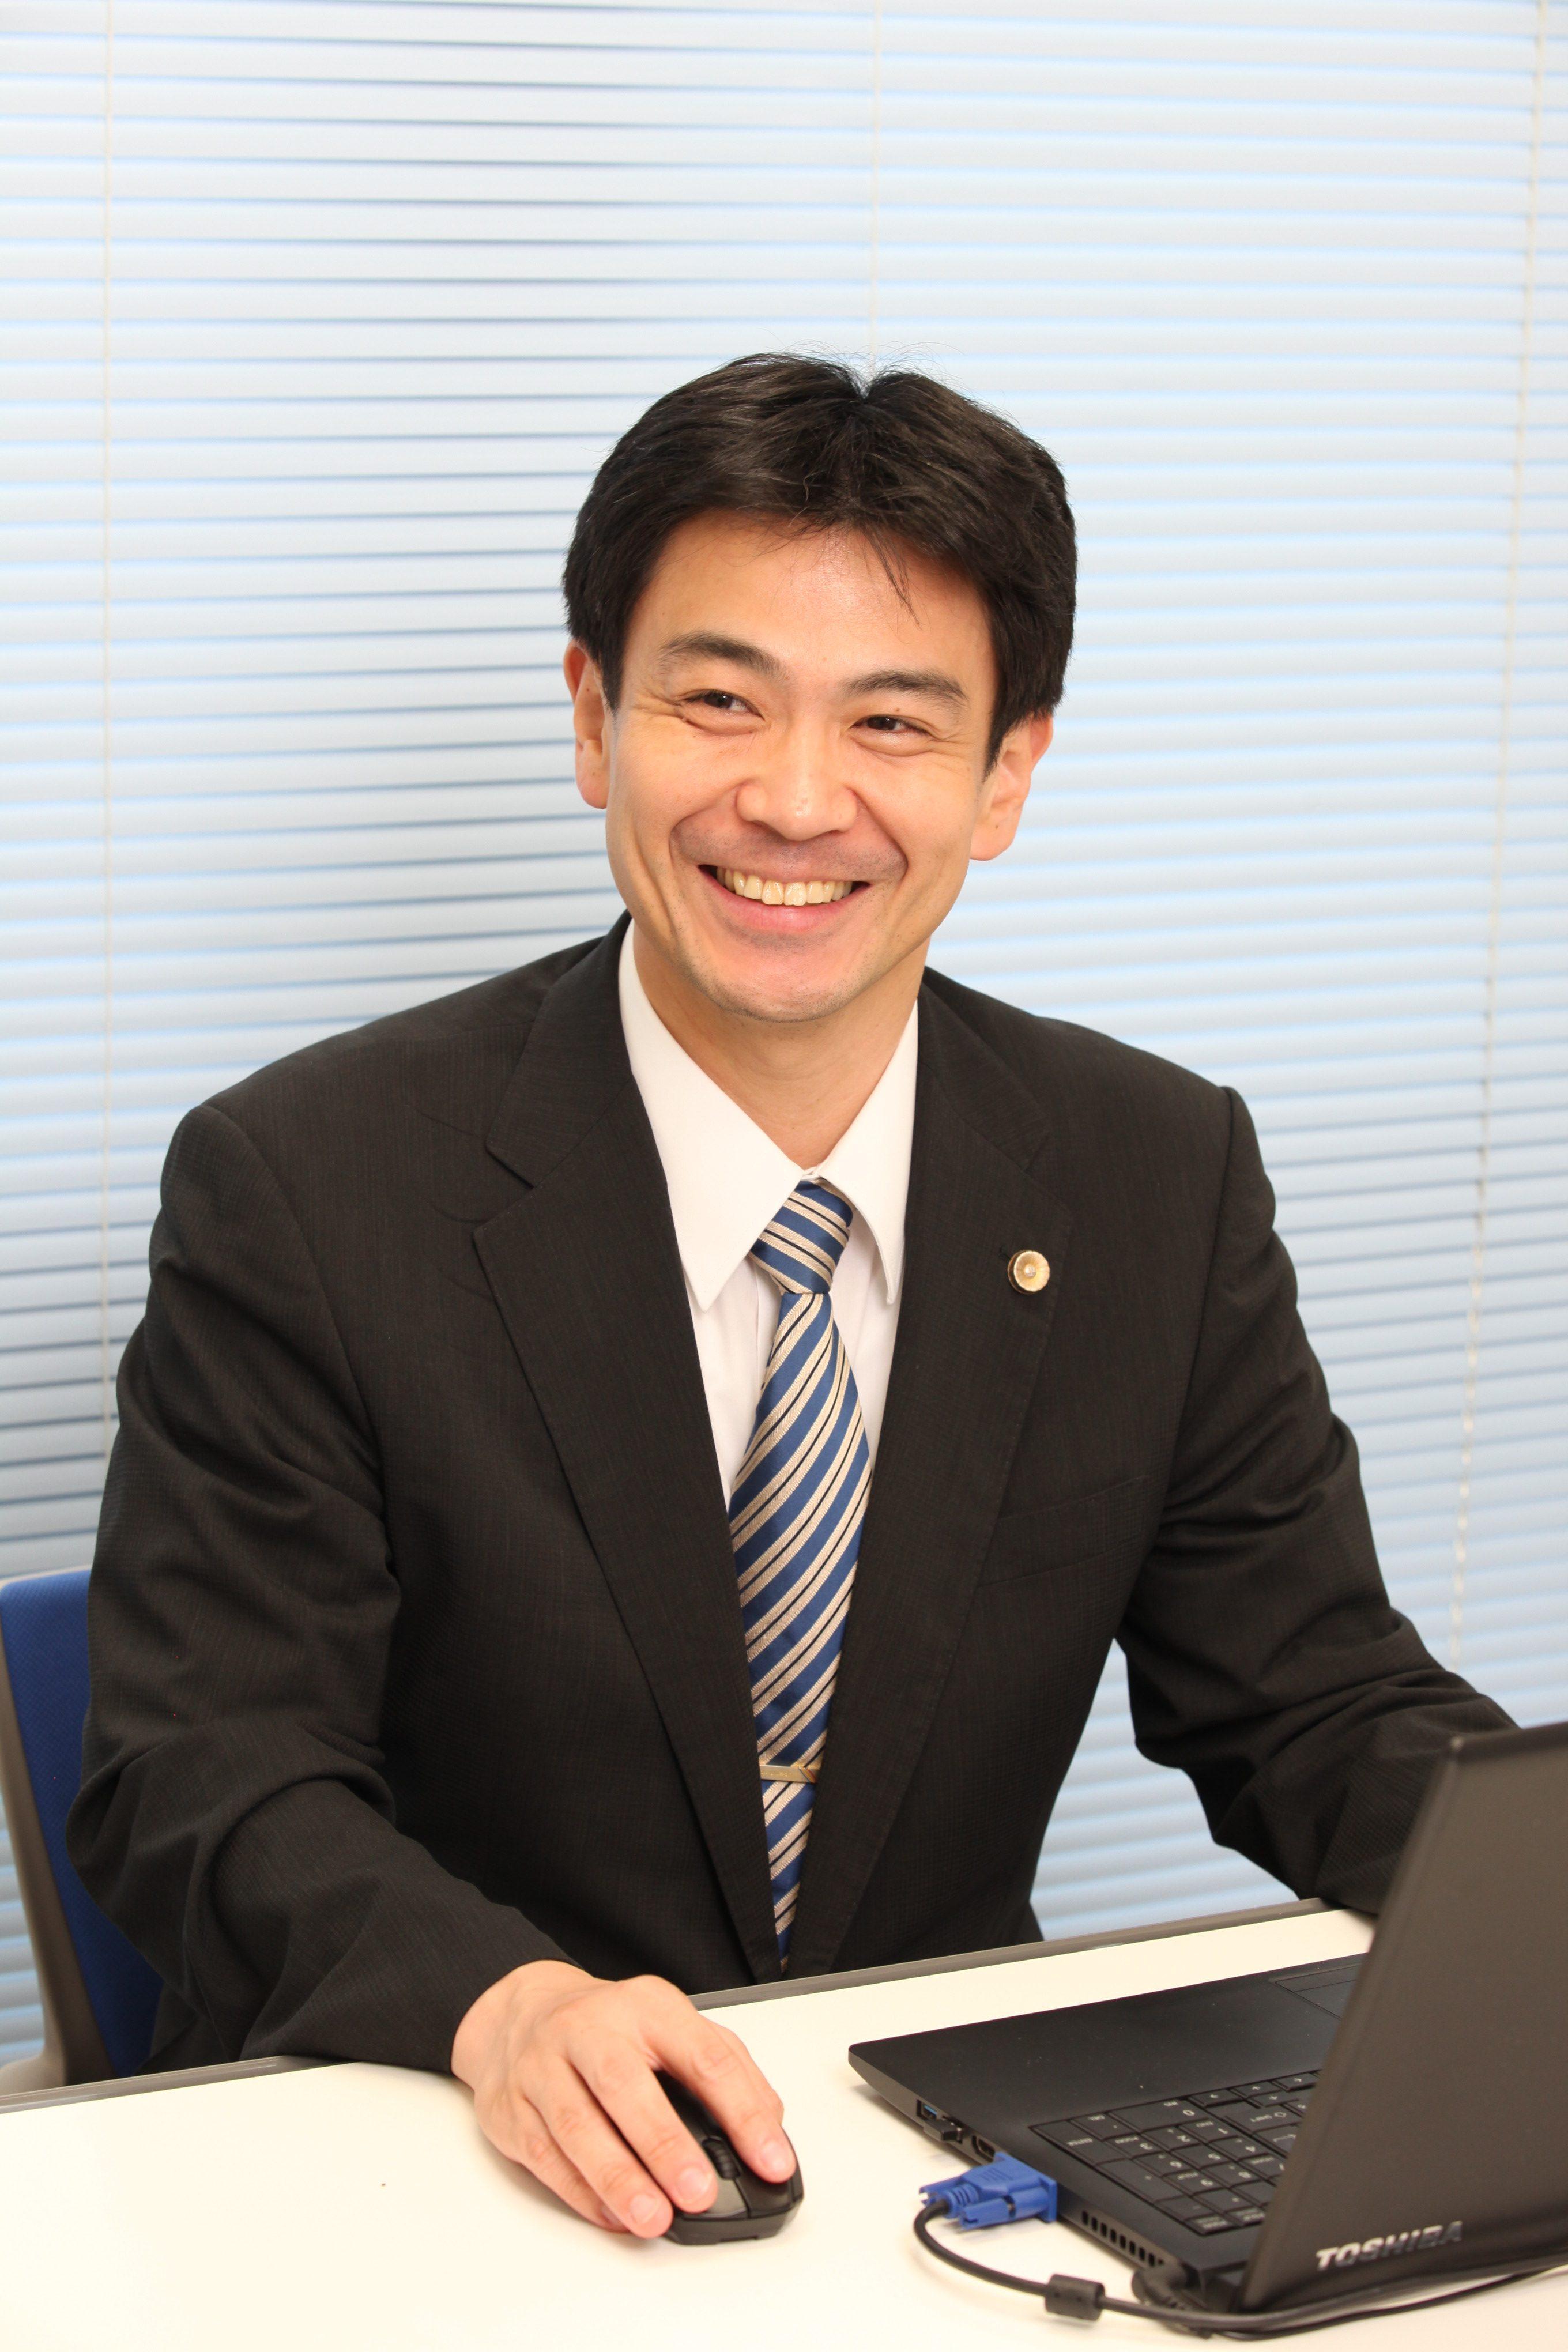 弁護士嶋本雅史 | 東京都 立川市 の弁護士事務所 「希望法律事務所」